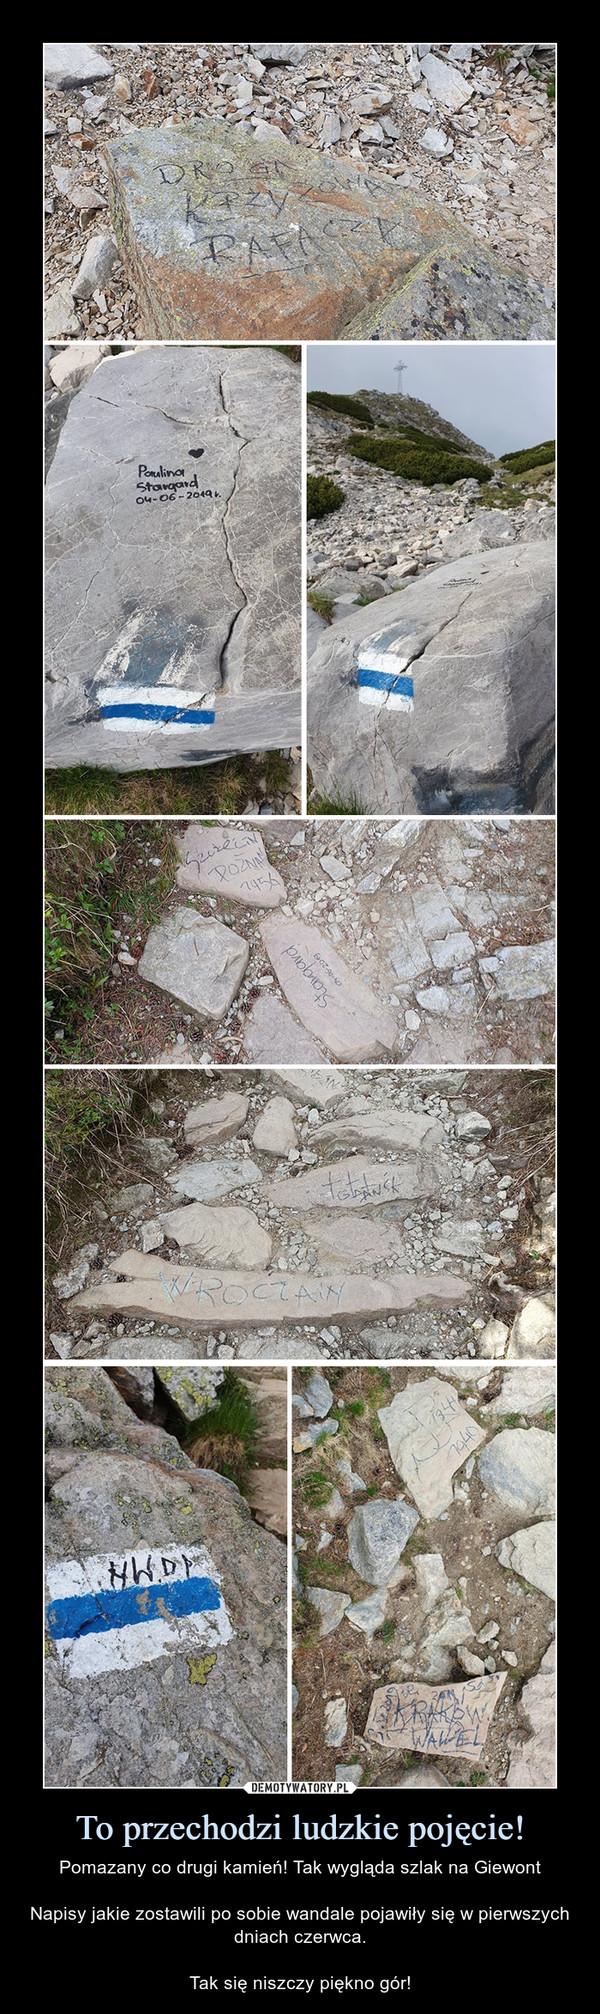 To przechodzi ludzkie pojęcie! – Pomazany co drugi kamień! Tak wygląda szlak na GiewontNapisy jakie zostawili po sobie wandale pojawiły się w pierwszych dniach czerwca.Tak się niszczy piękno gór!